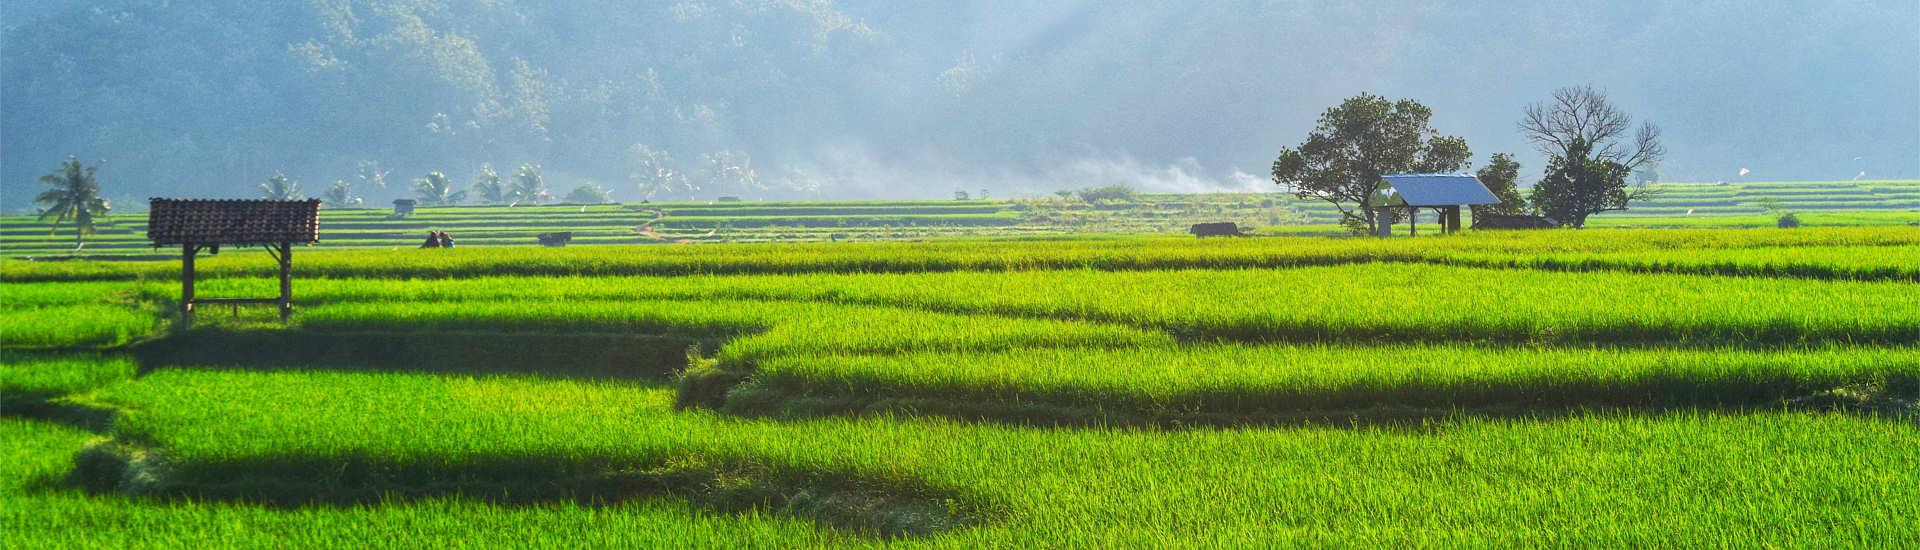 Reisterfelder der Minahasa Highlands